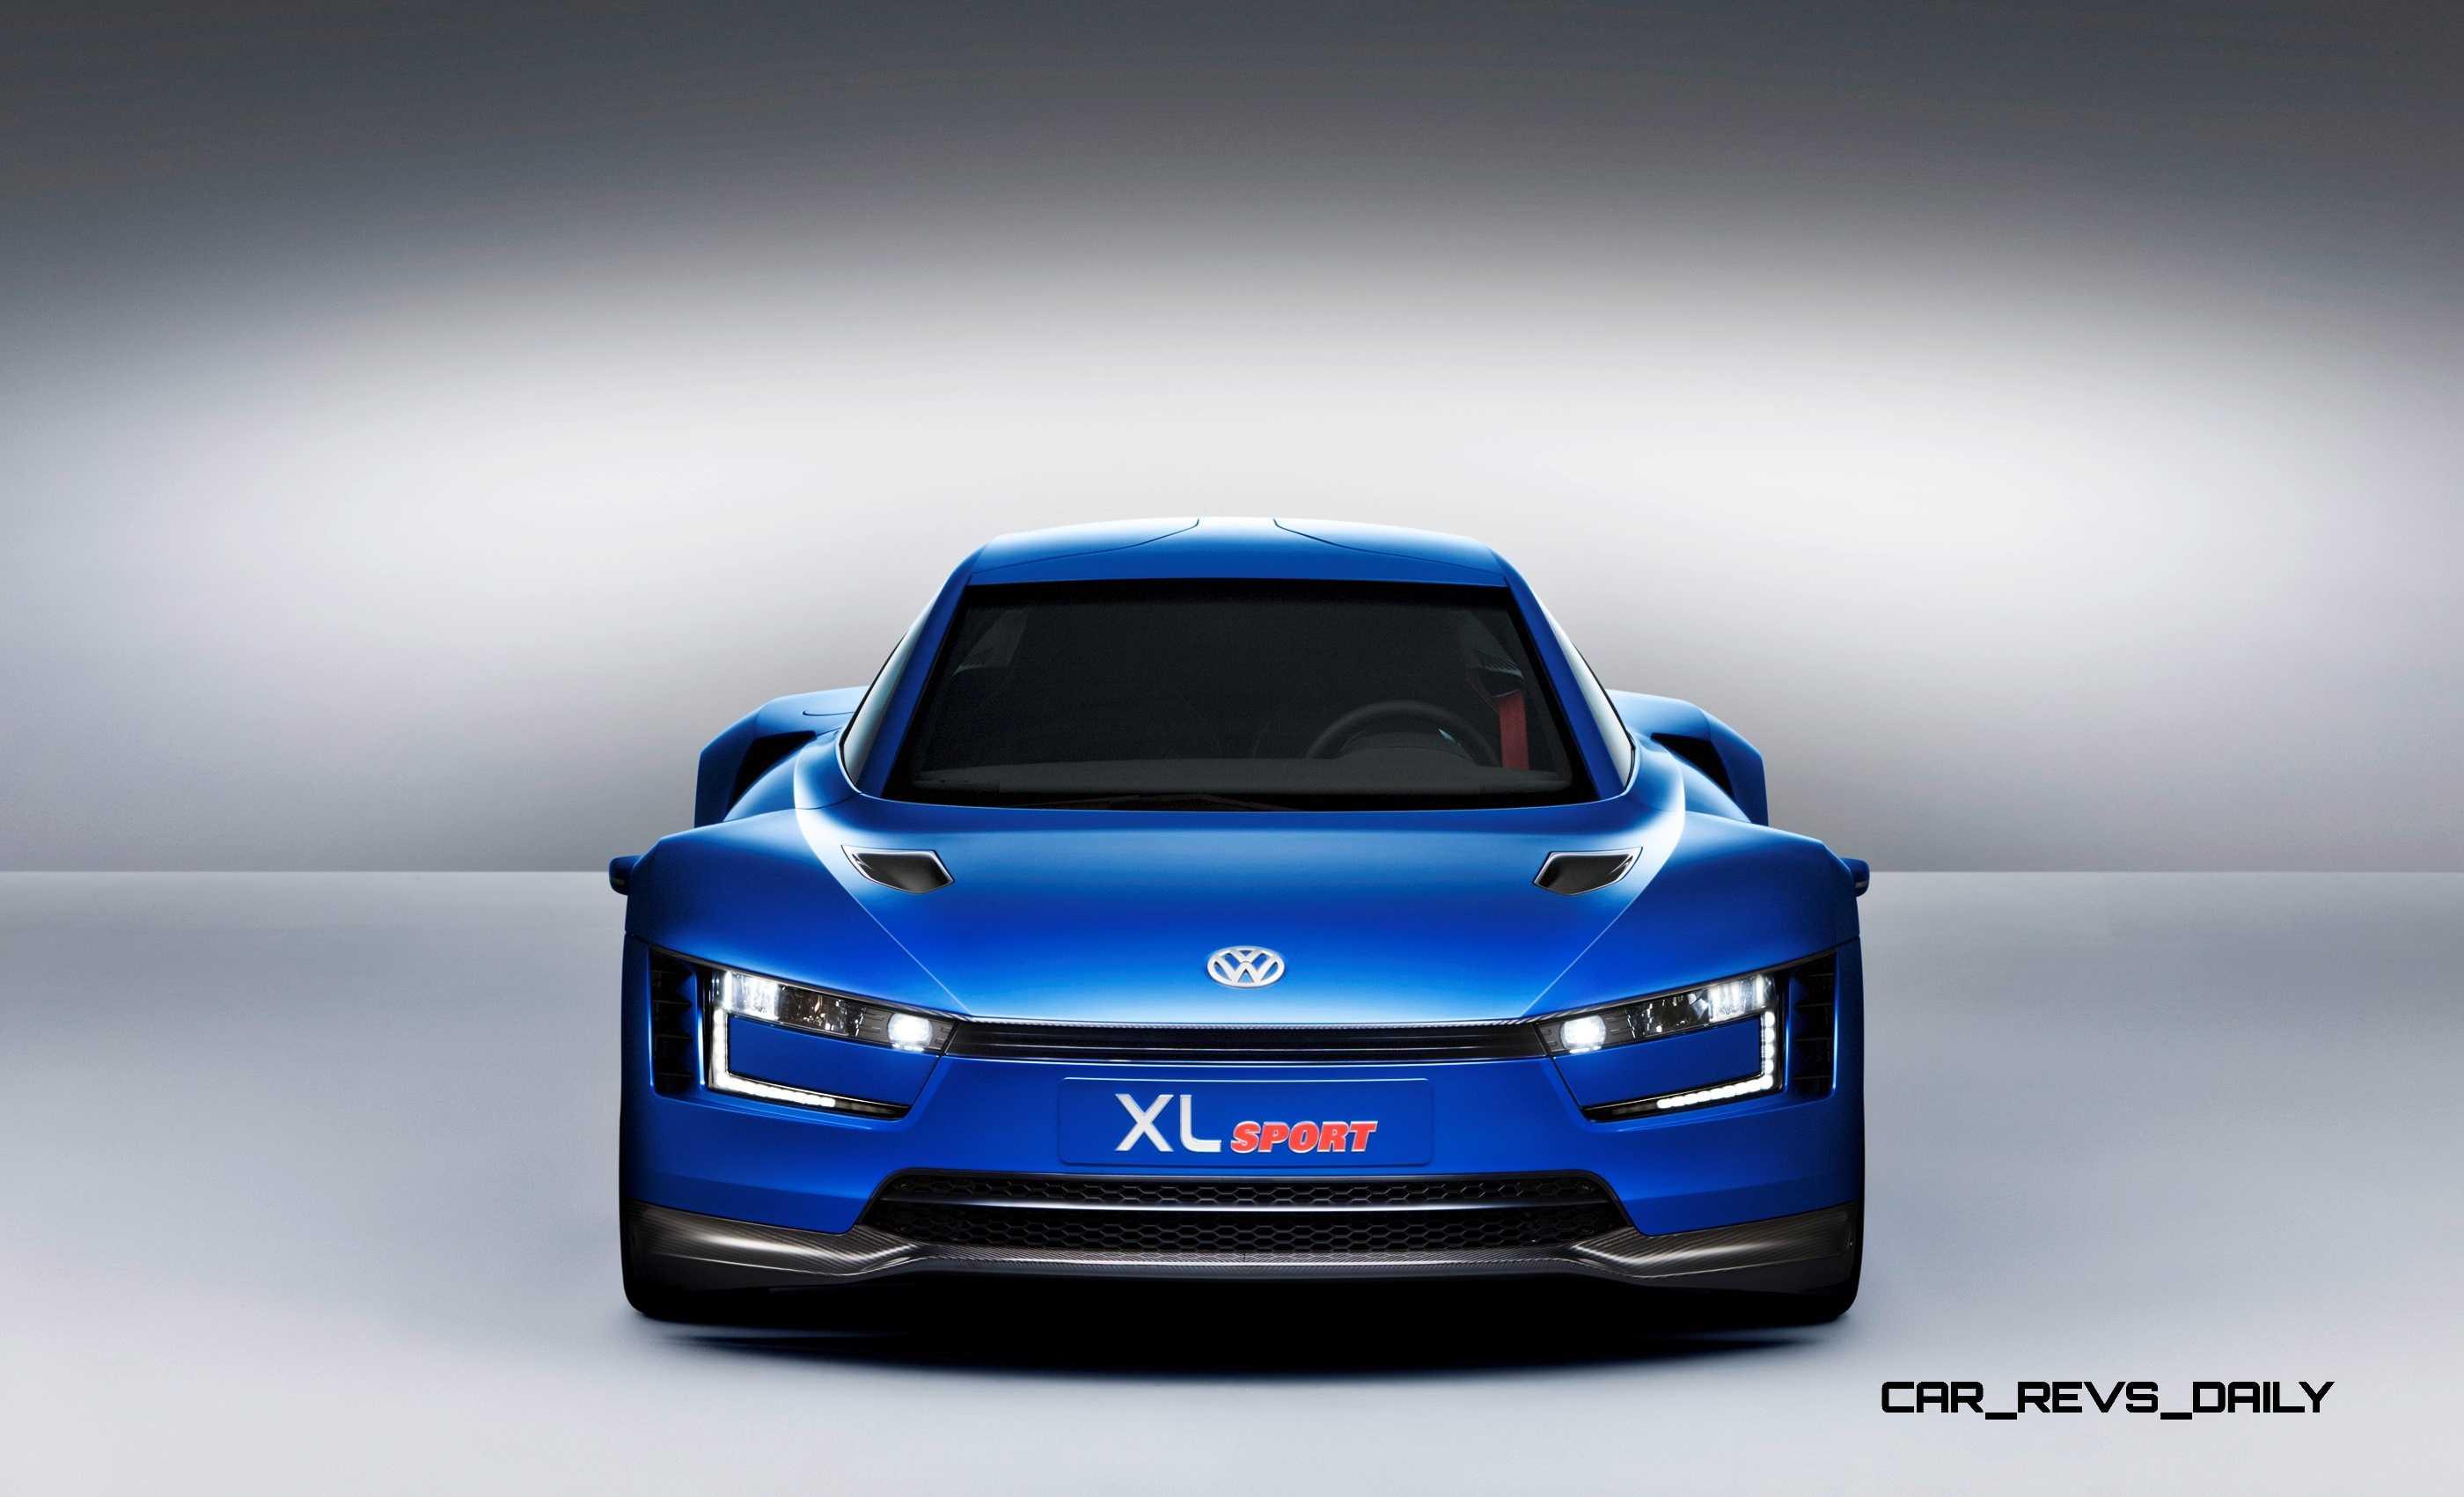 http://www.car-revs-daily.com/wp-content/uploads/2014/10/2014-Volkswagen-XL-Sport-Concept-30.jpg